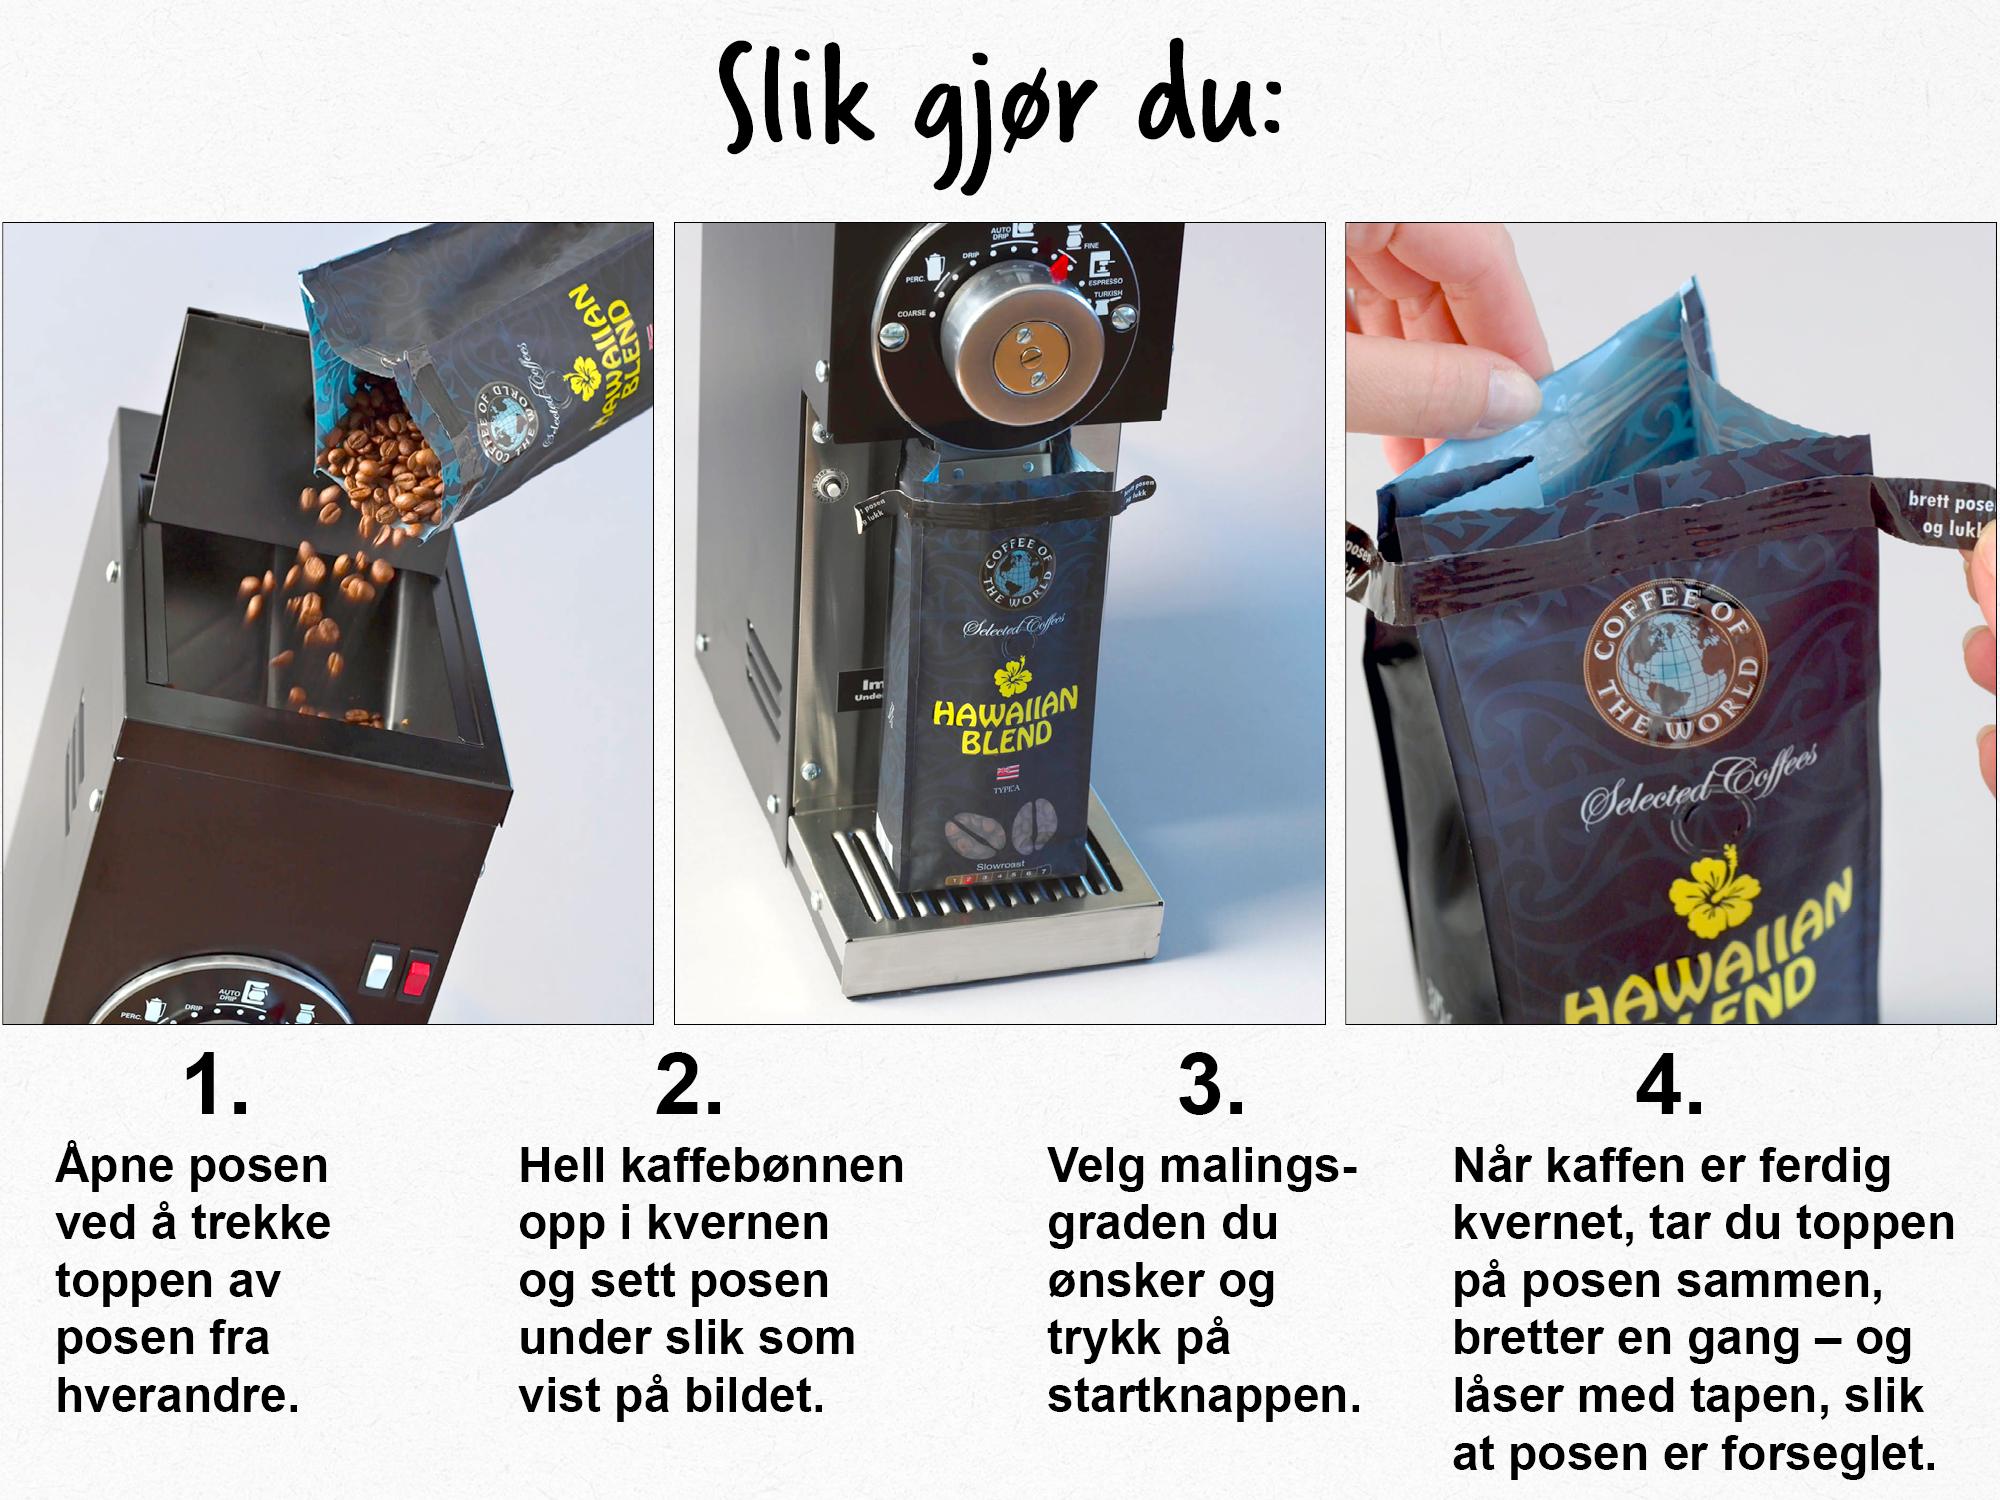 kverne kaffebønner uten kvern